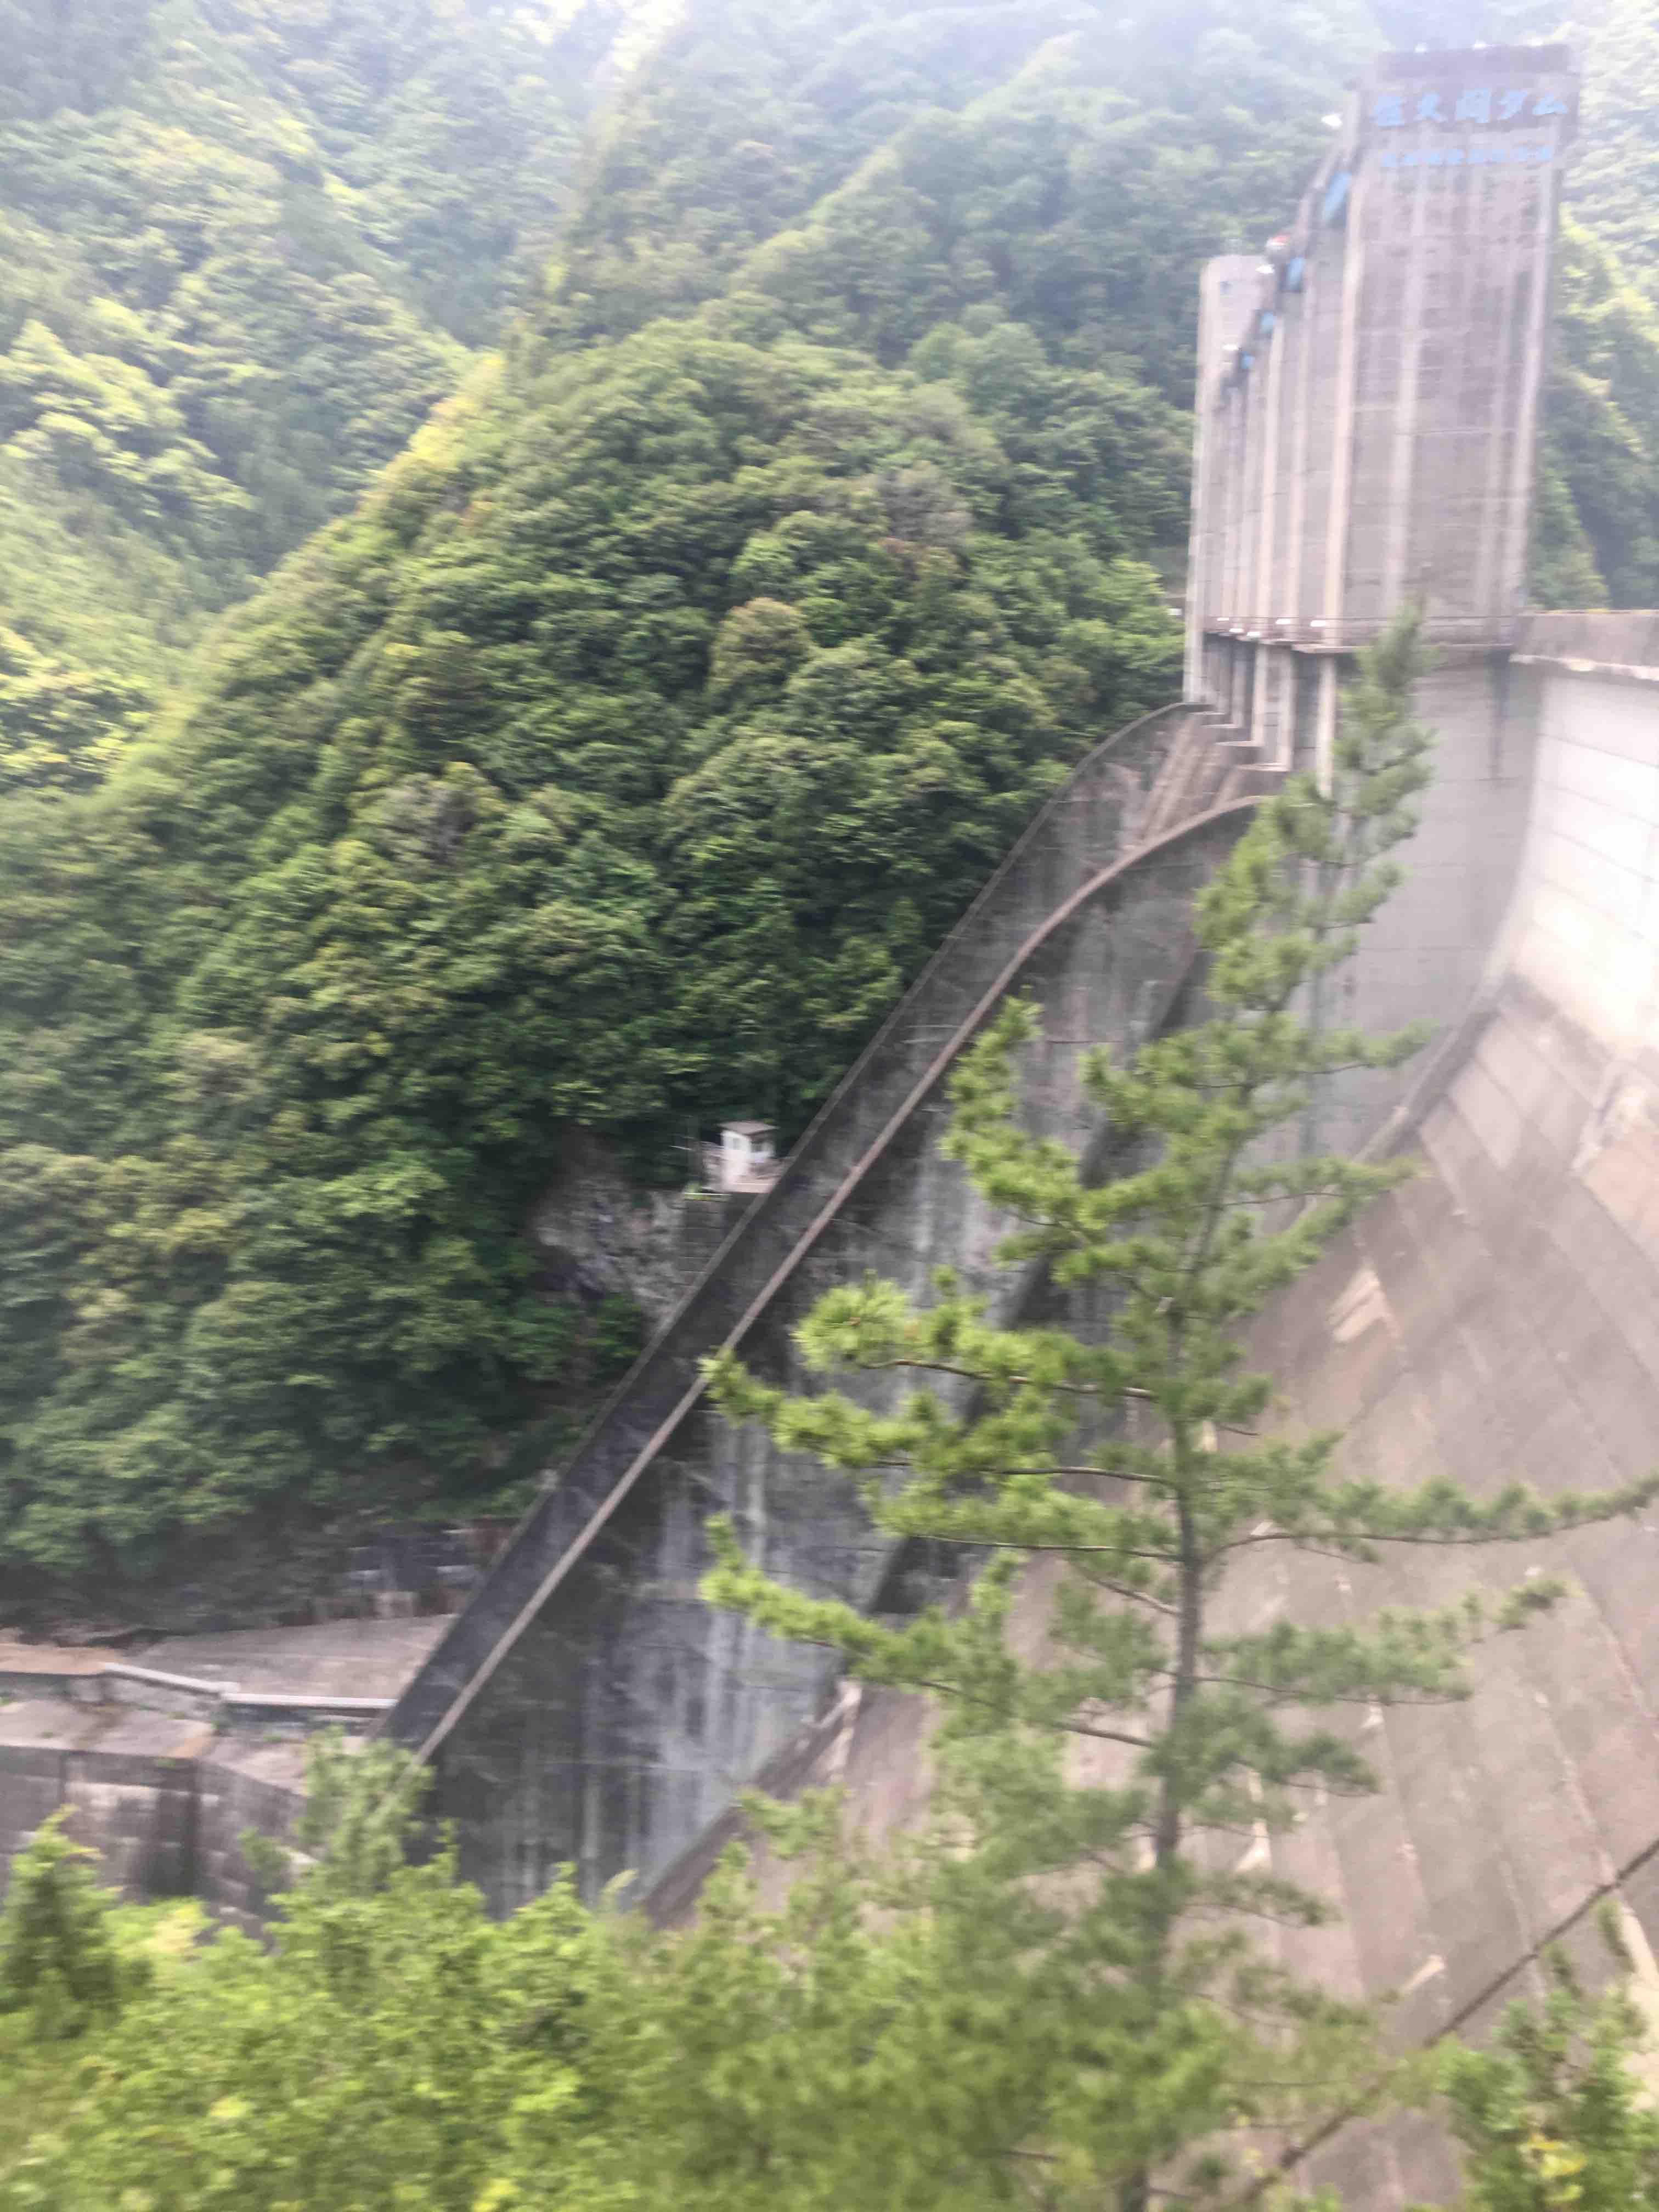 佐久間ダム、メルヘン街道ツーリング_d0164691_17421663.jpg